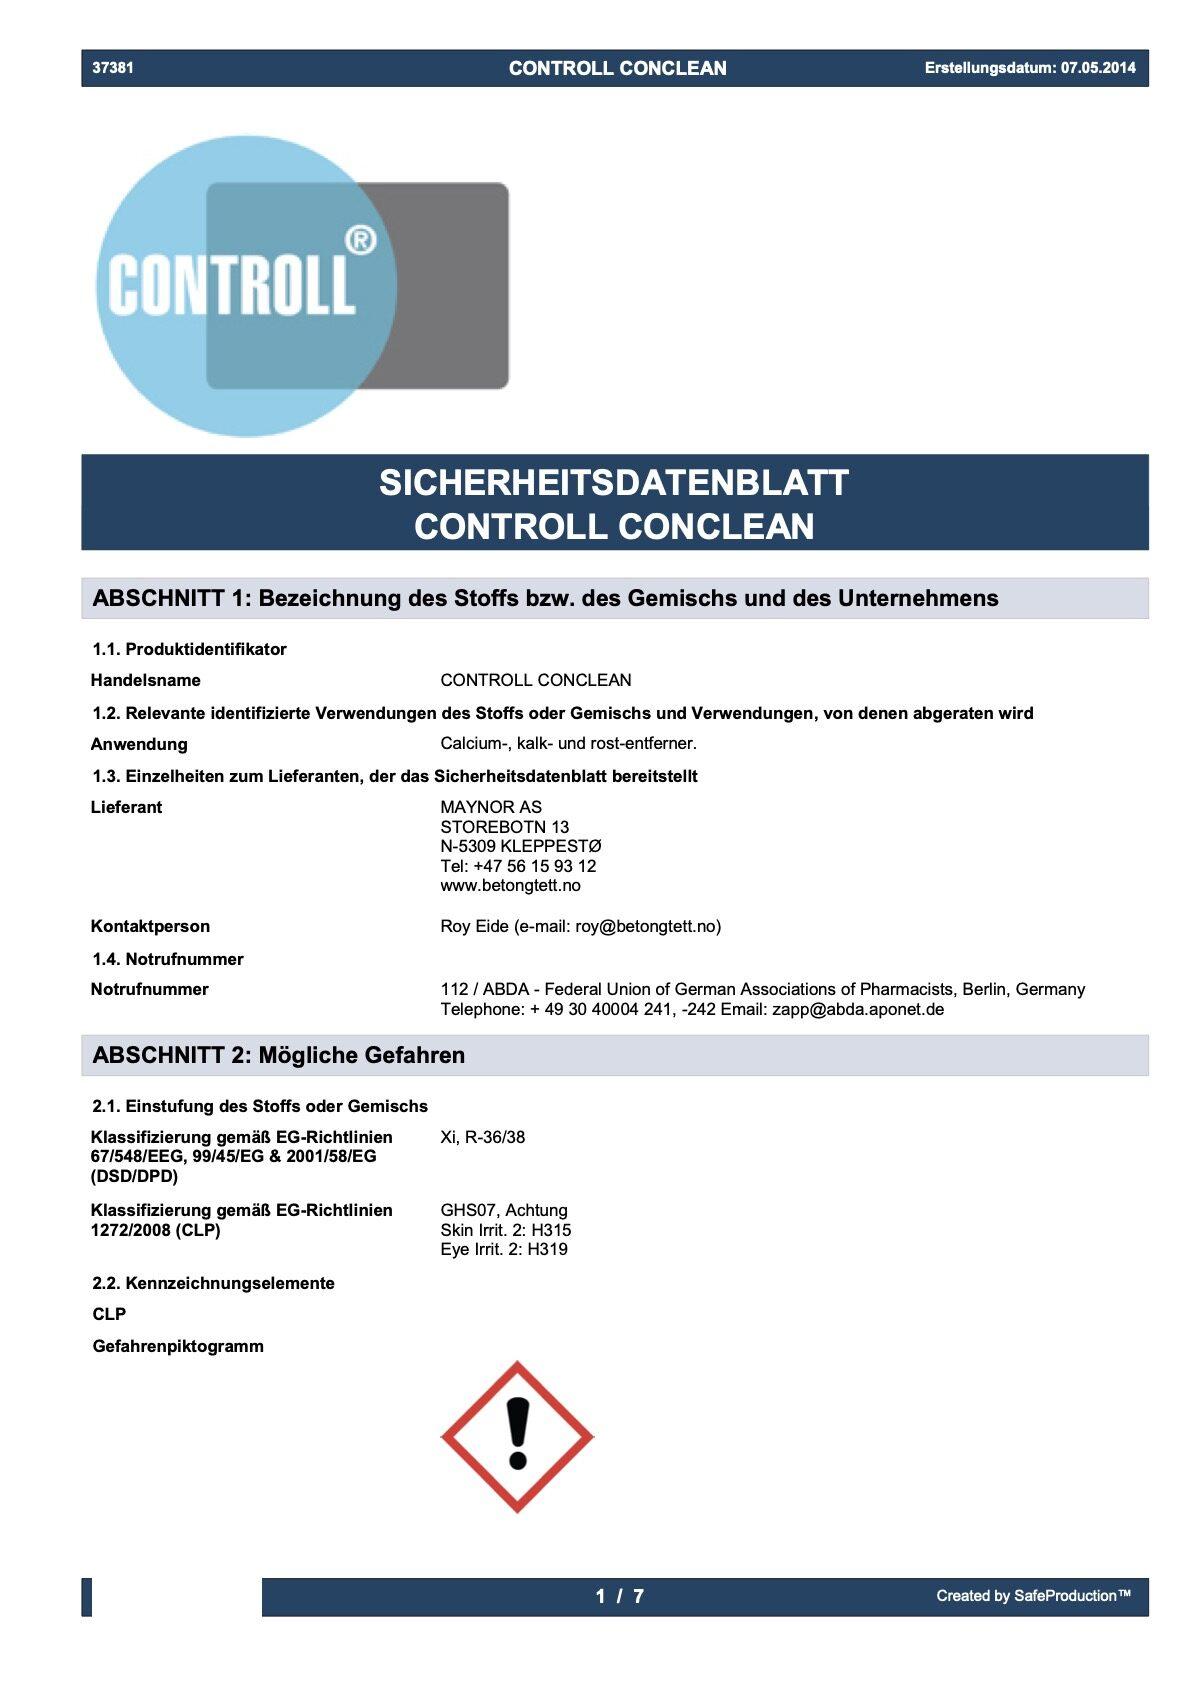 komsol controll conclean sicherheitsdatenblatt deutschland